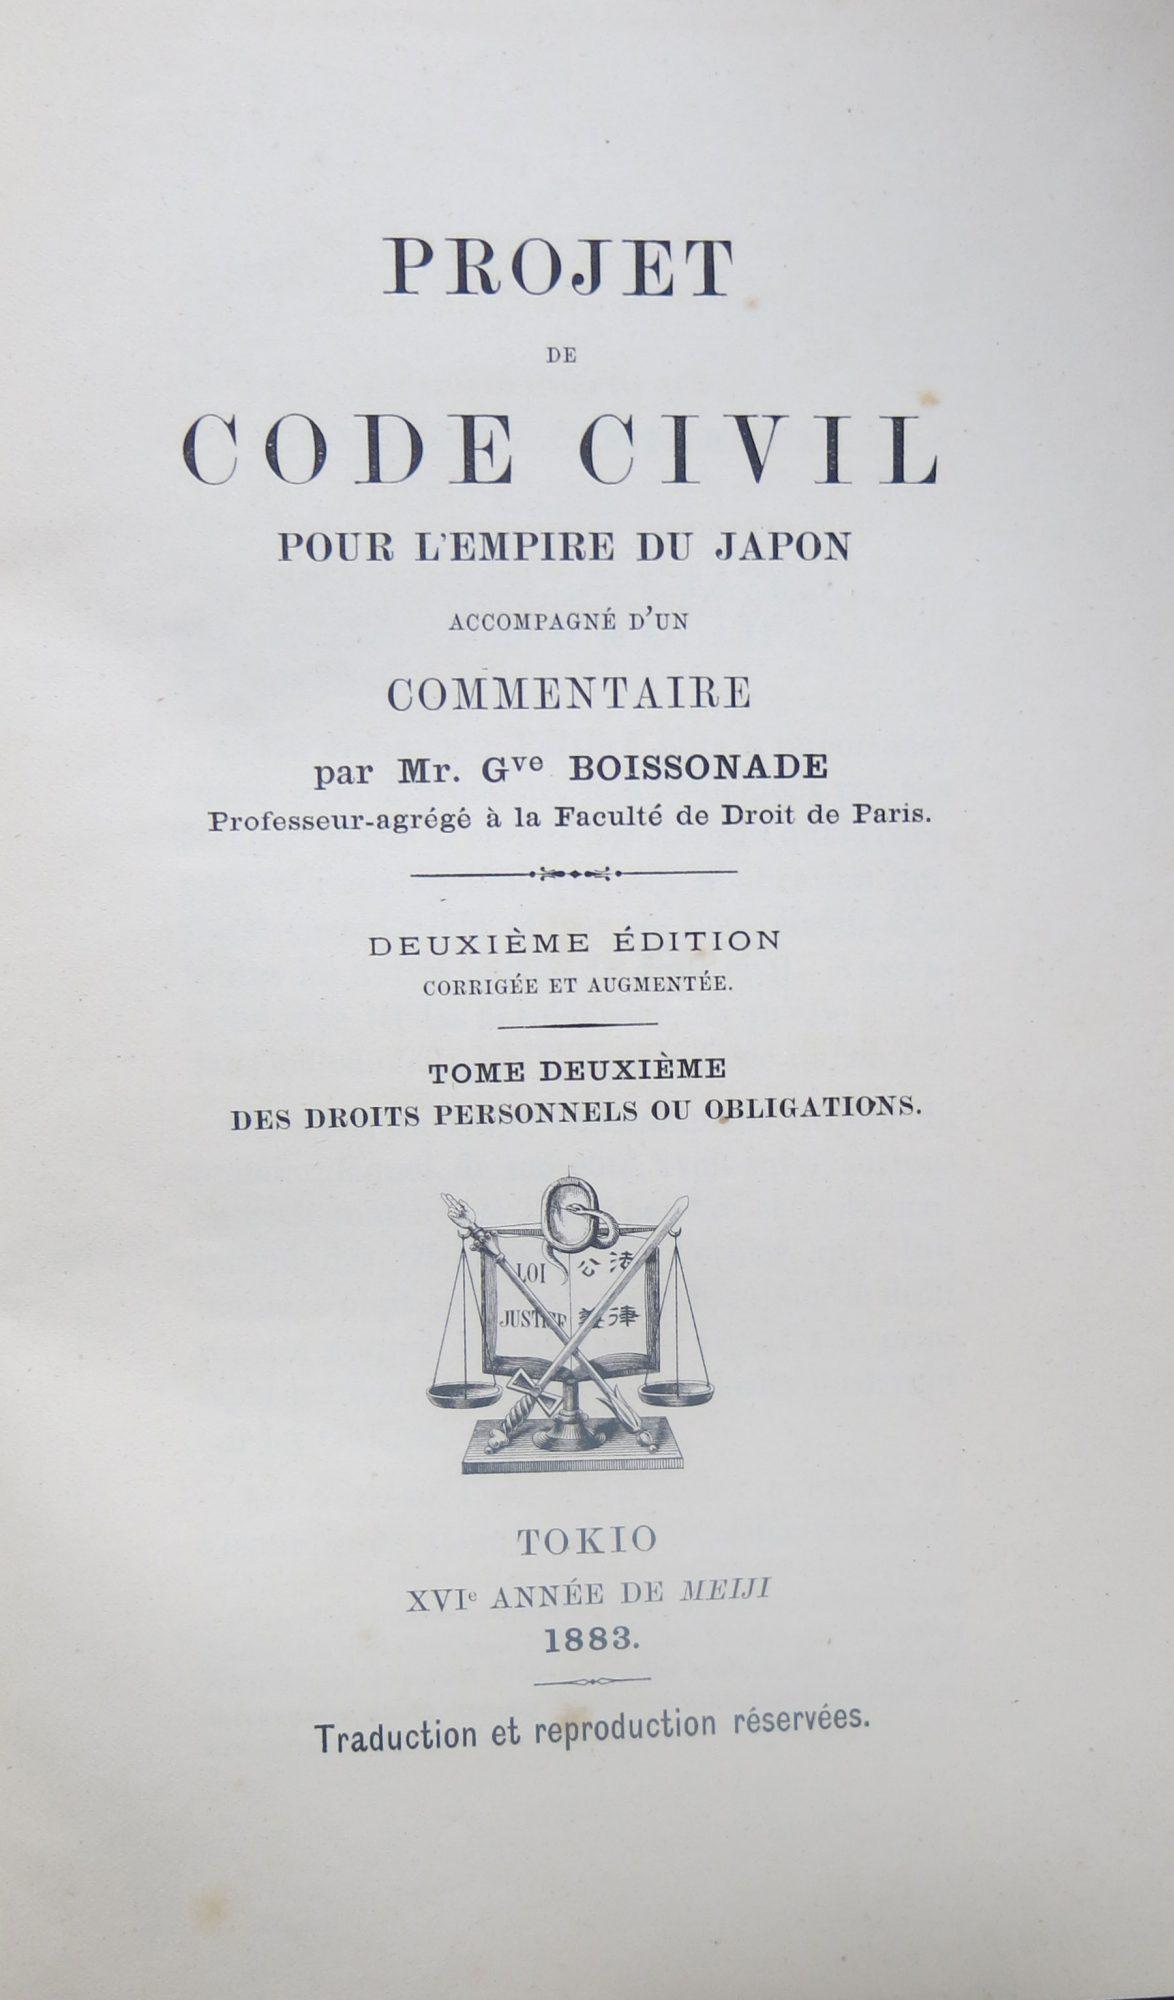 Projet de code civil pour l'empire du Japon, accompagné d'un commentaire. 2e éd. corrigée et augmentée